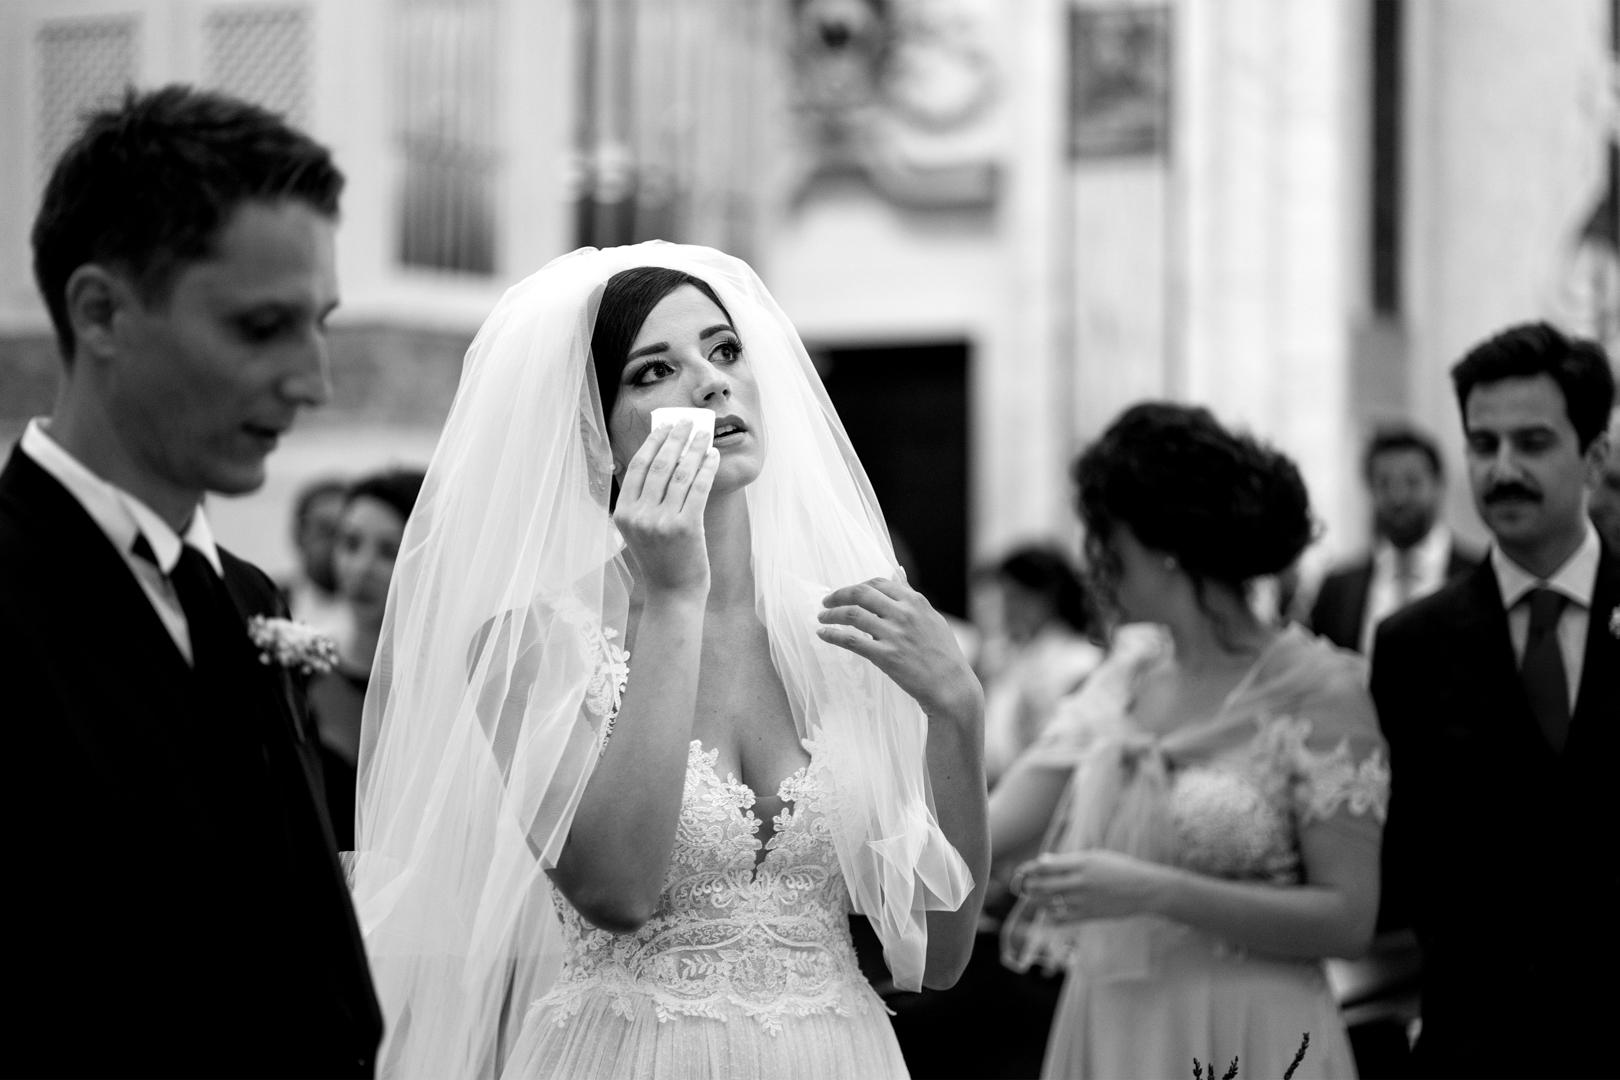 29 gianni-lepore-commozione-sposa-chiesa